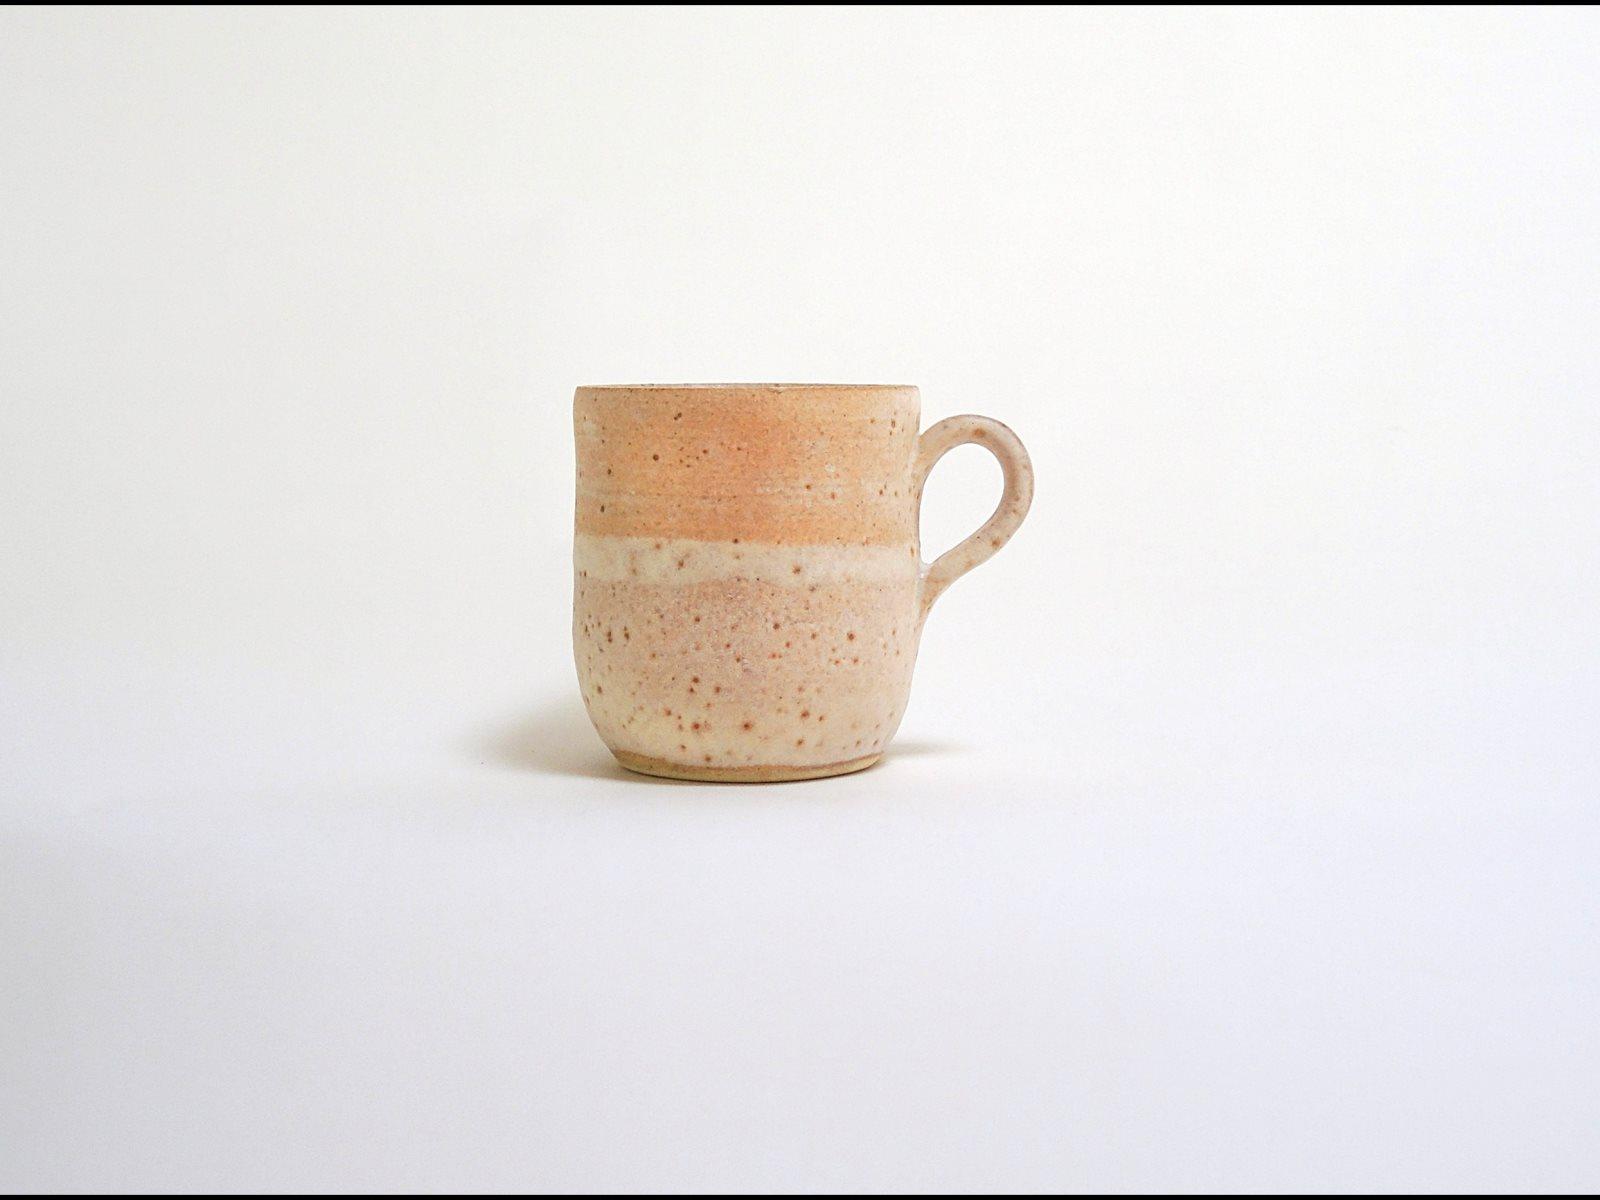 Κούπα για καφέ 009